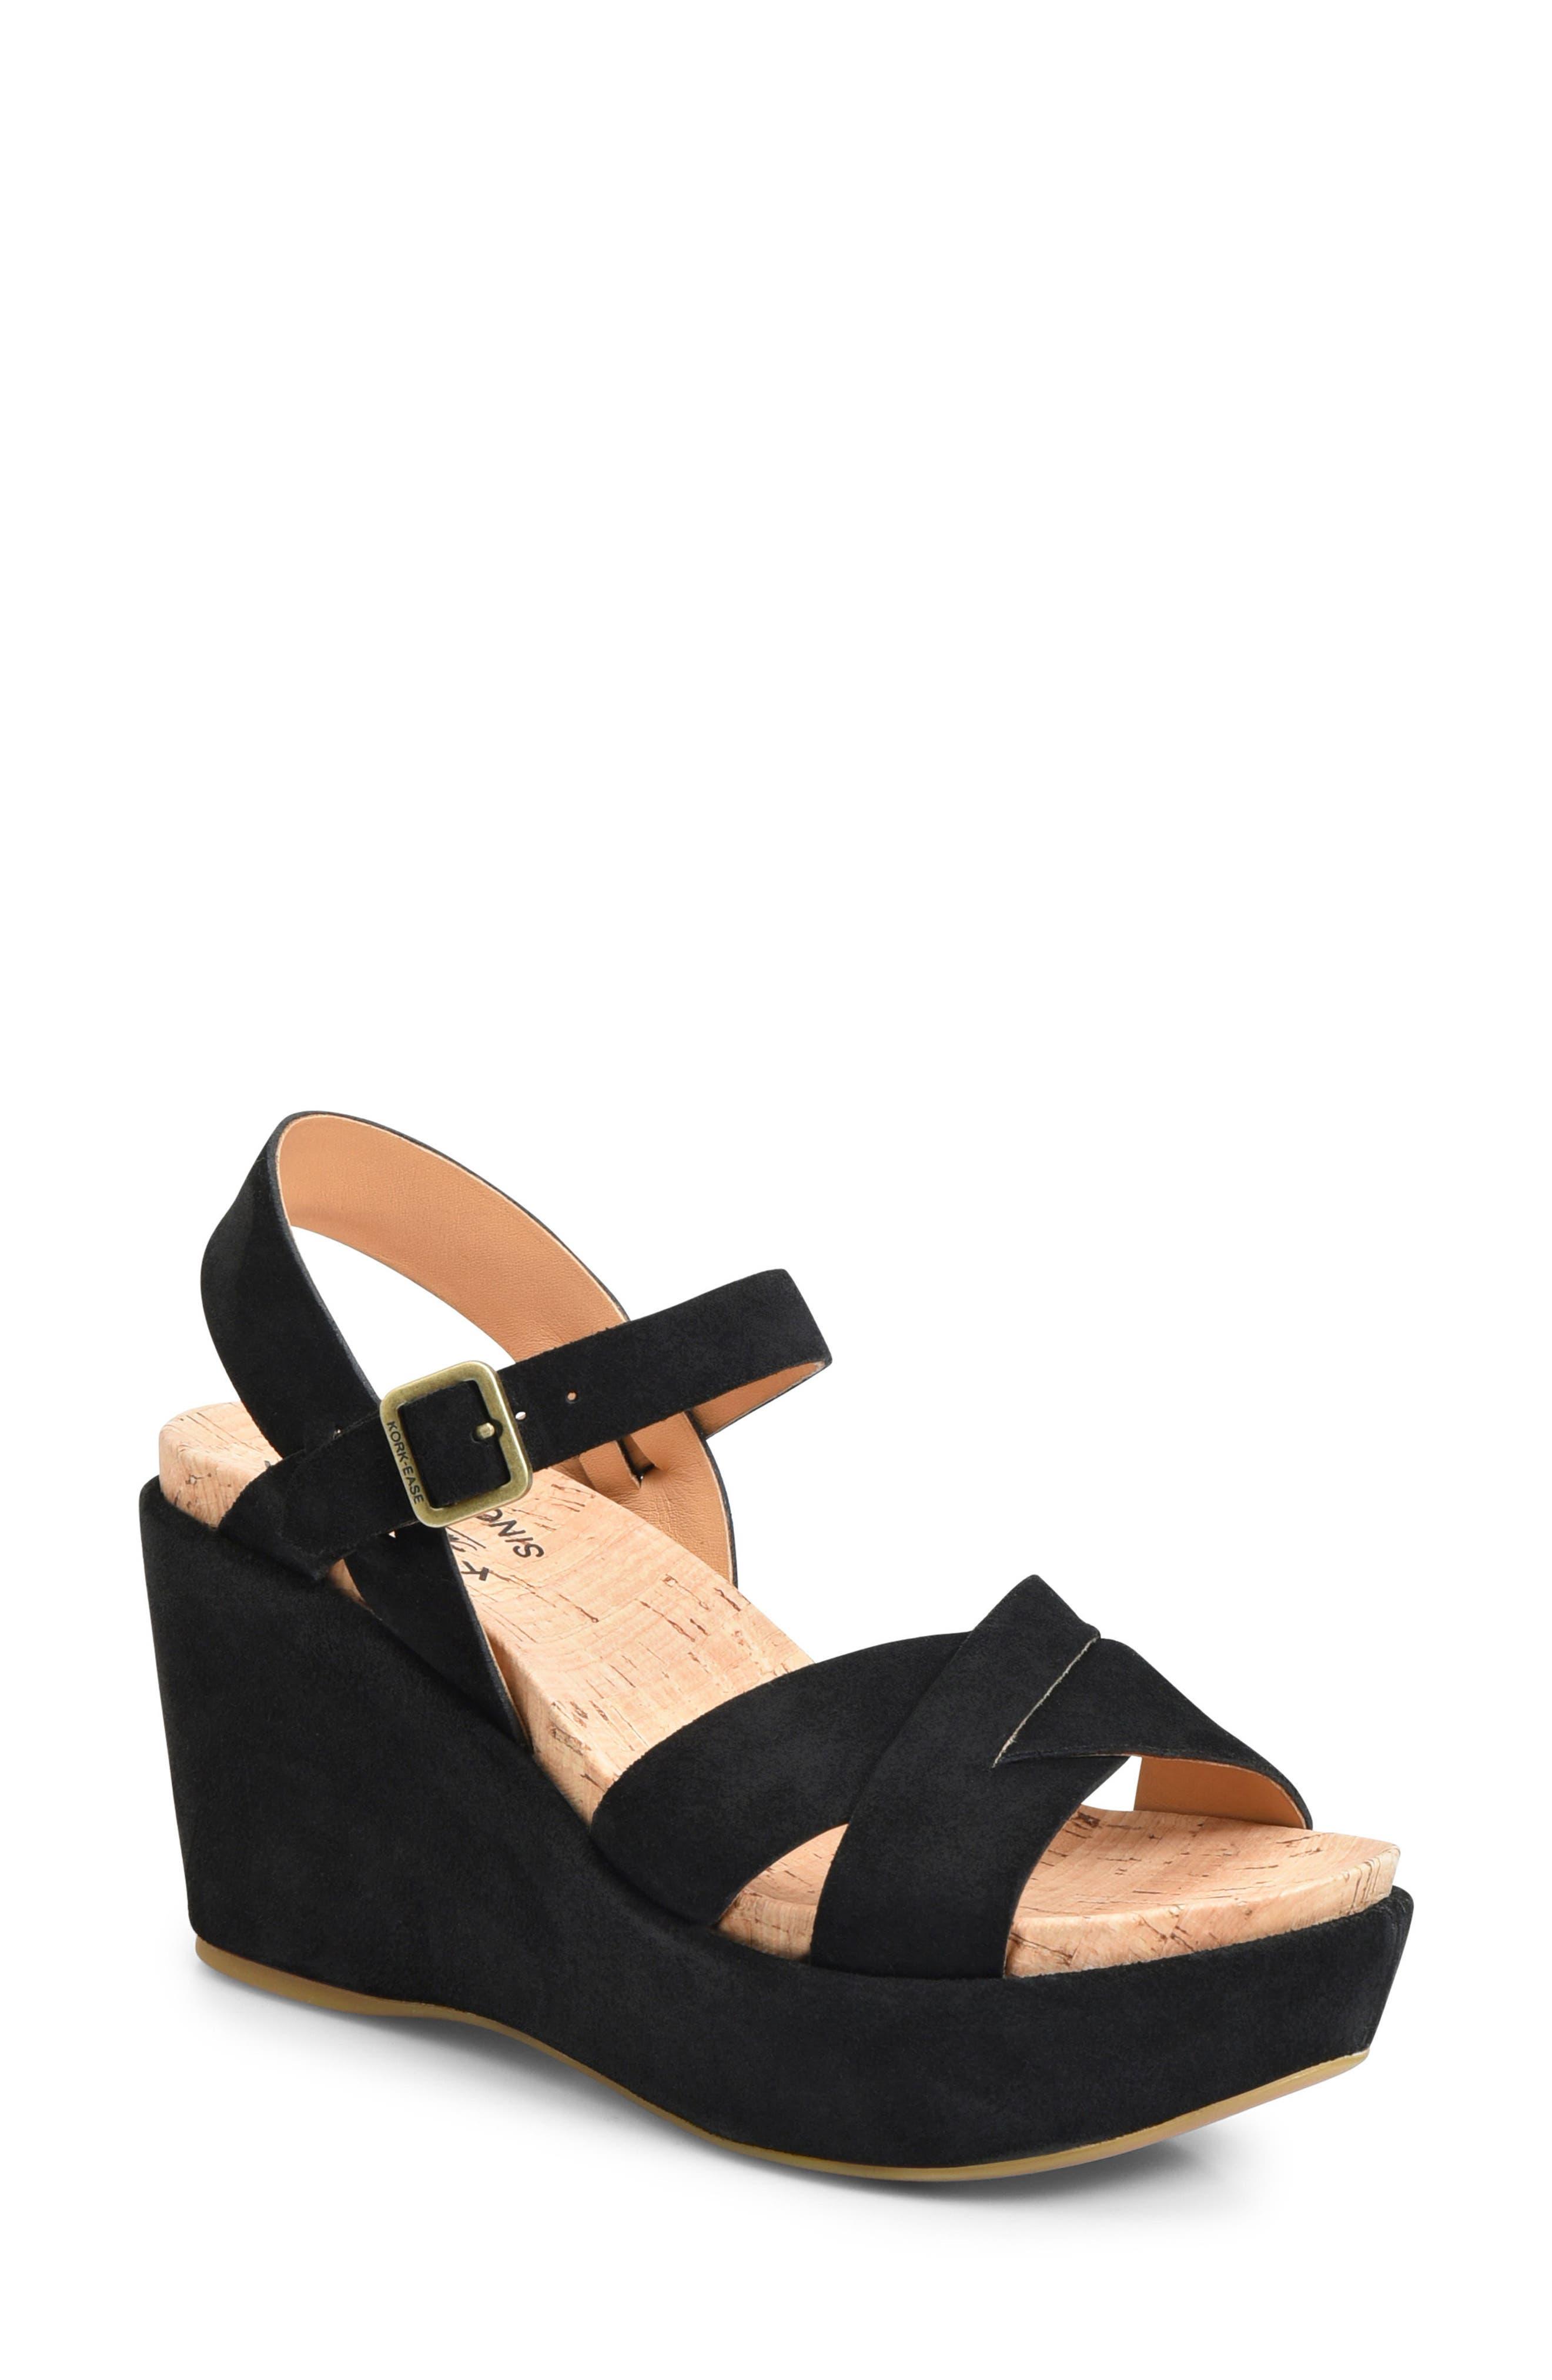 'Ava 2.0' Platform Wedge Sandal,                         Main,                         color, BLACK SUEDE 2